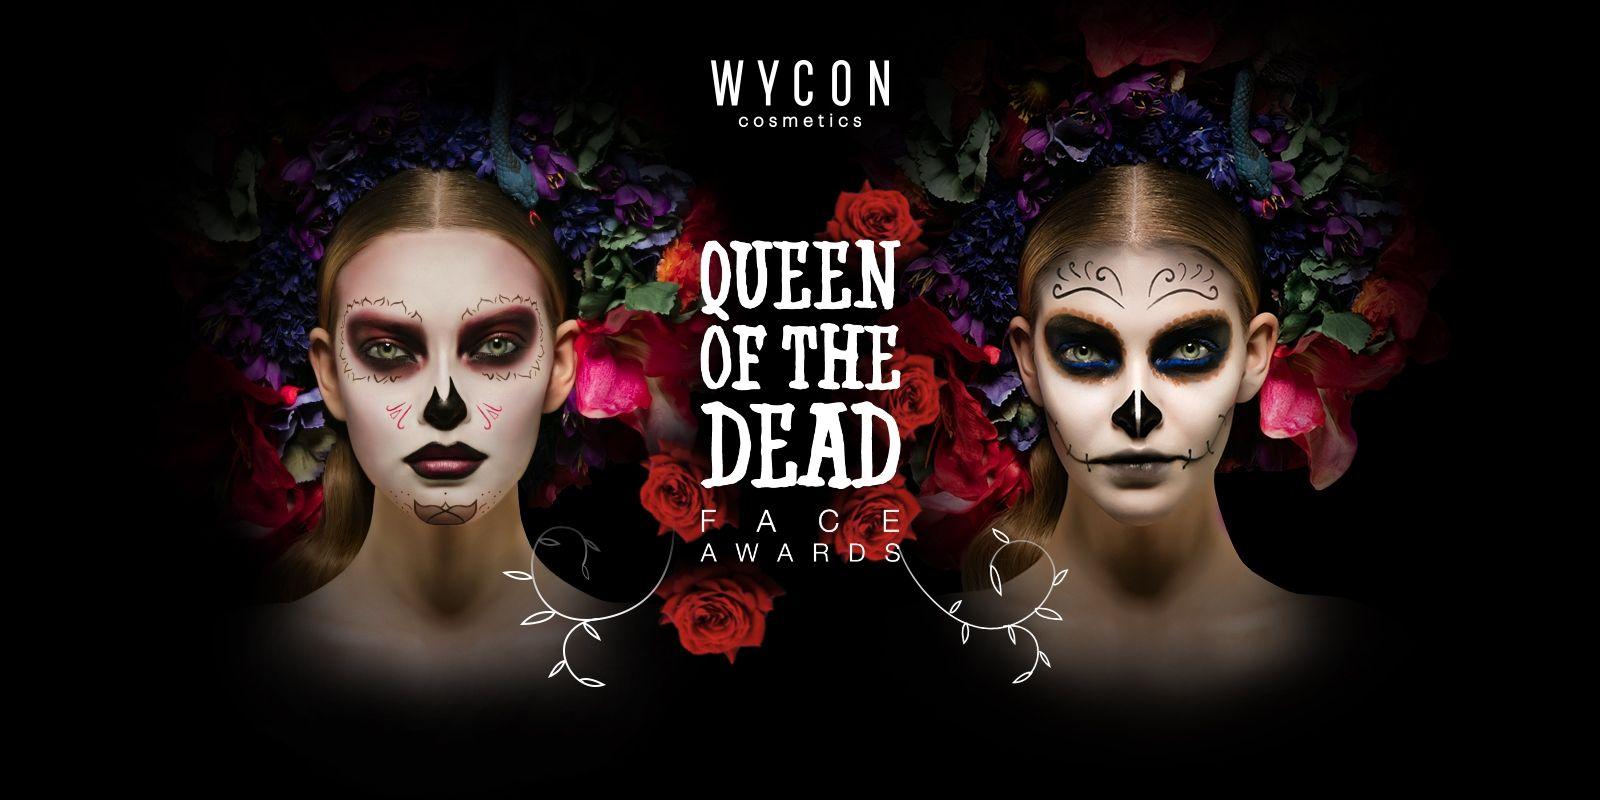 QUEEN OF THE DEAD AWARD - PARTECIPA AL PRIMO FOTO CONTEST DI HALLOWEEN! Fino al 30 ottobre puoi vincere i prodotti dell'ultima capsule collection di WYCON cosmetics